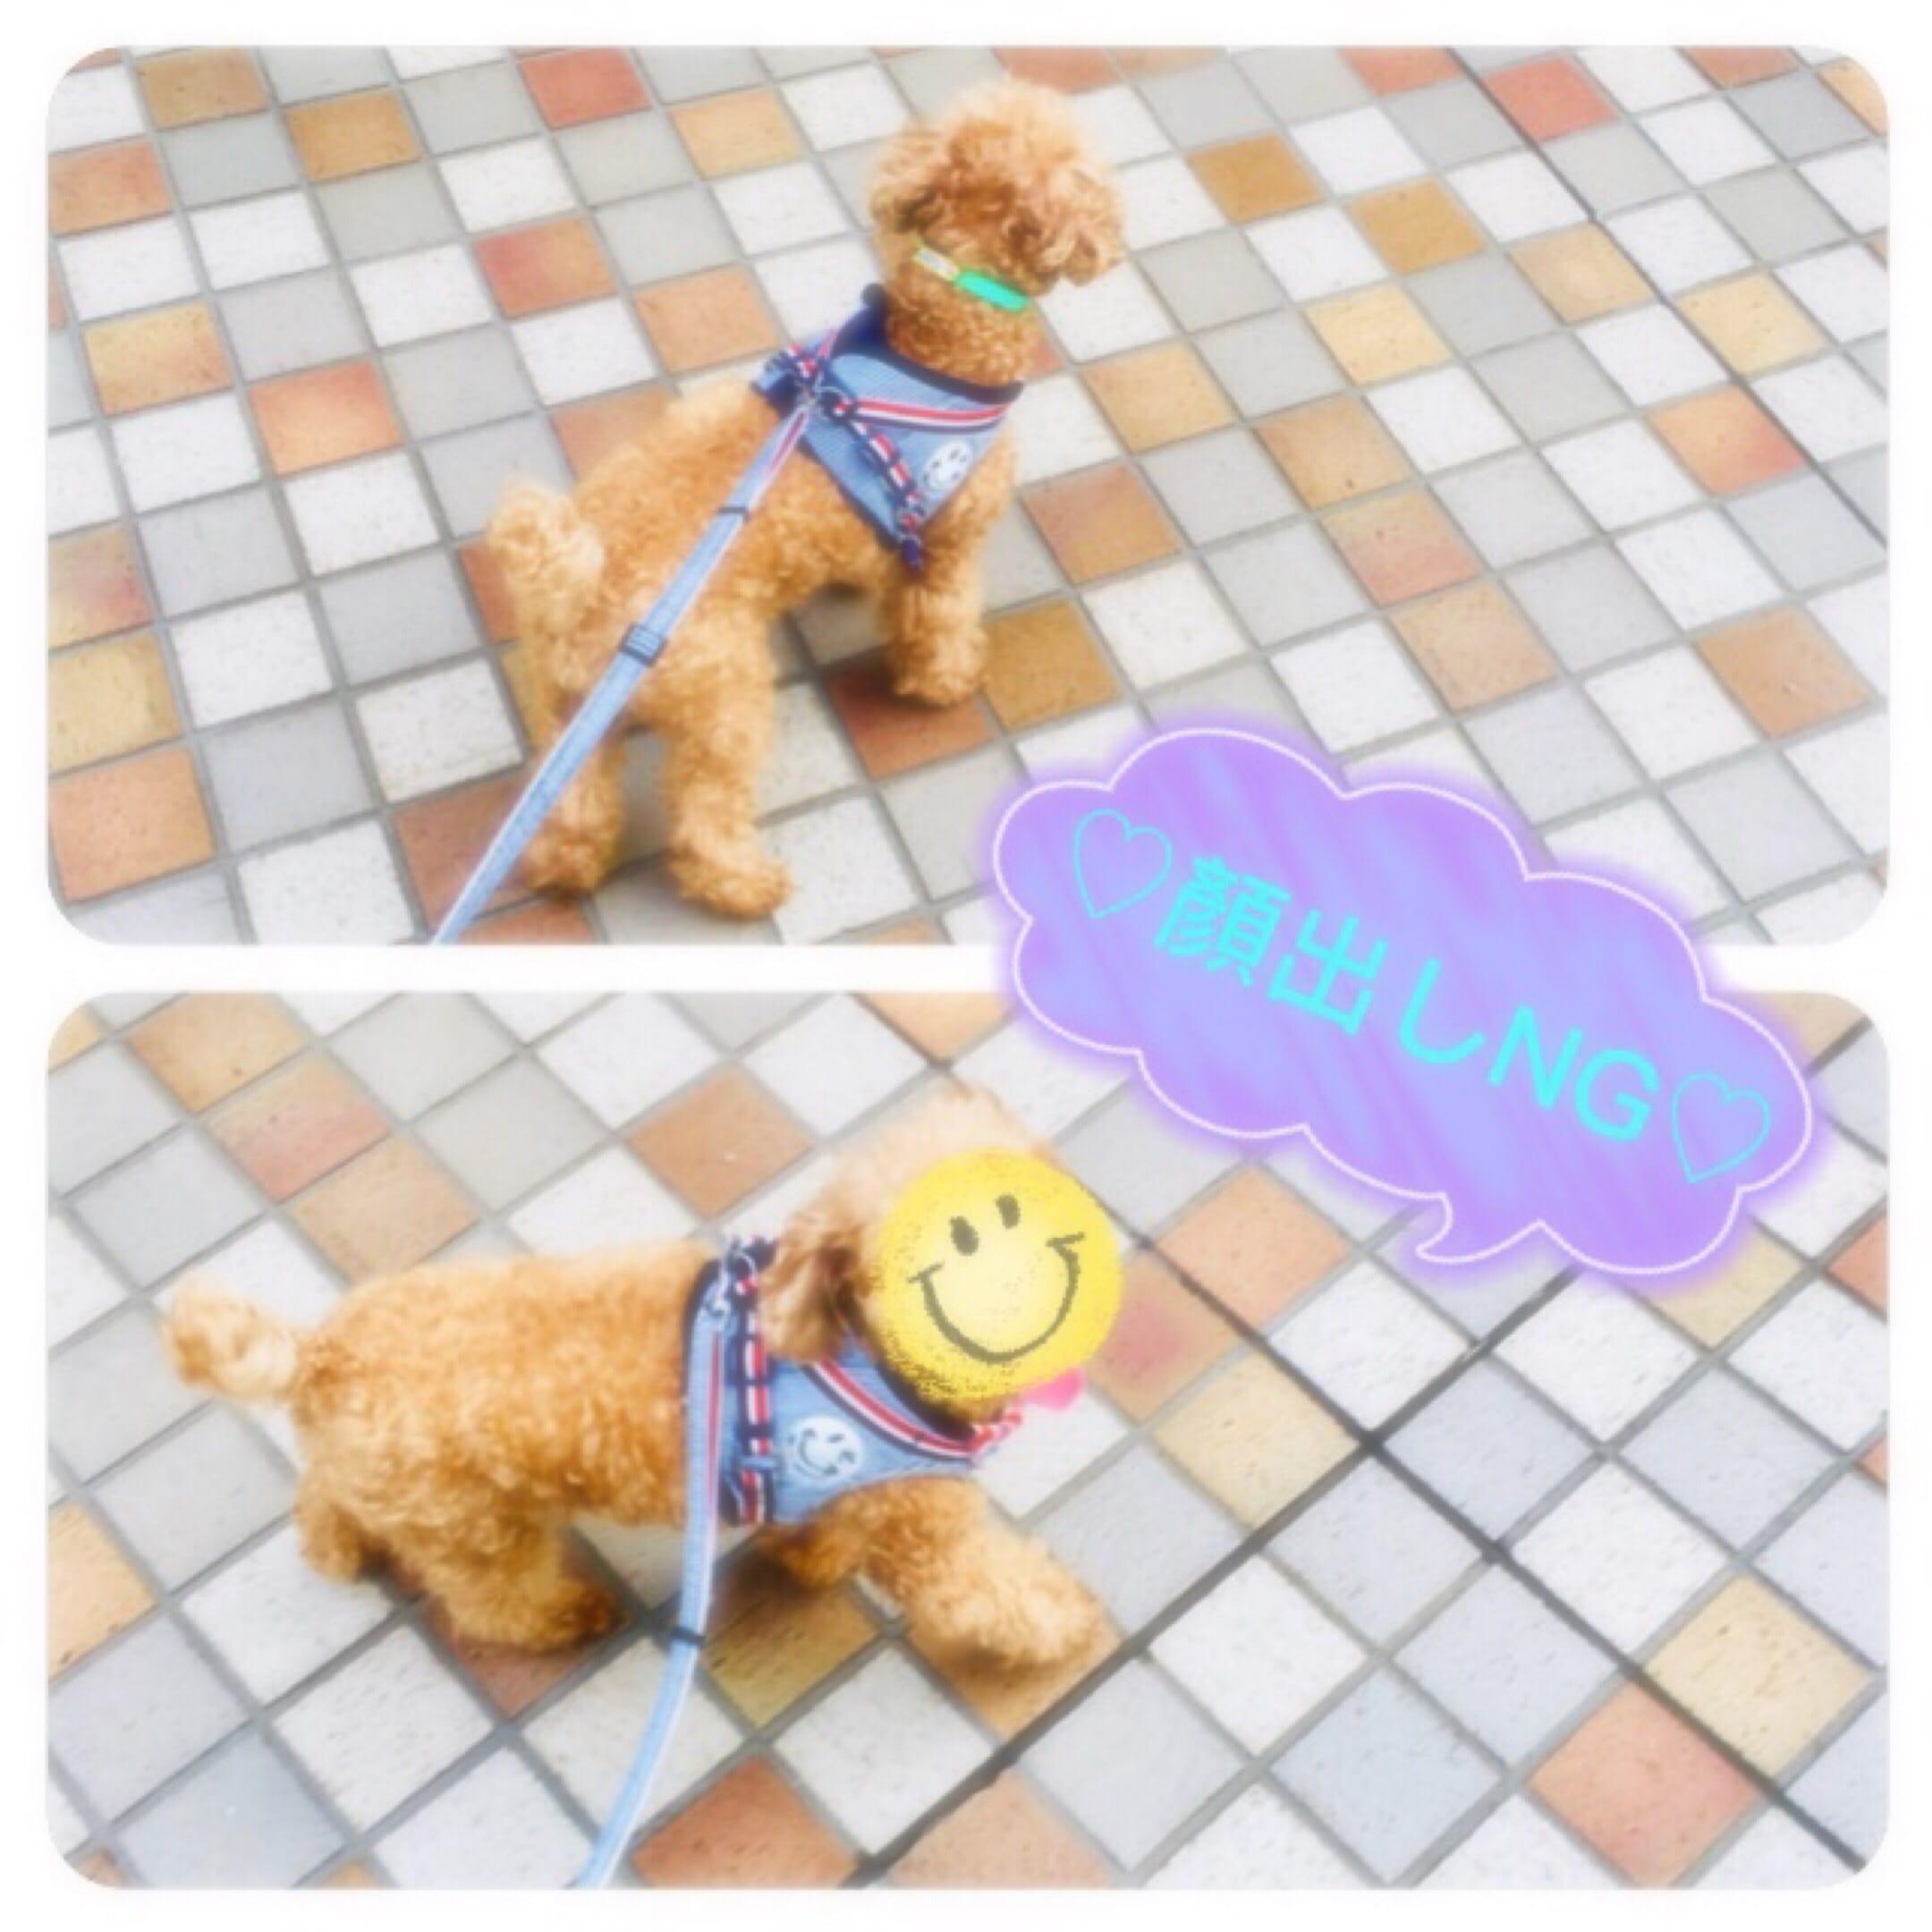 「♡お散歩ʕ•ᴥ•ʔ♡」07/08(日) 19:07   まいかの写メ・風俗動画